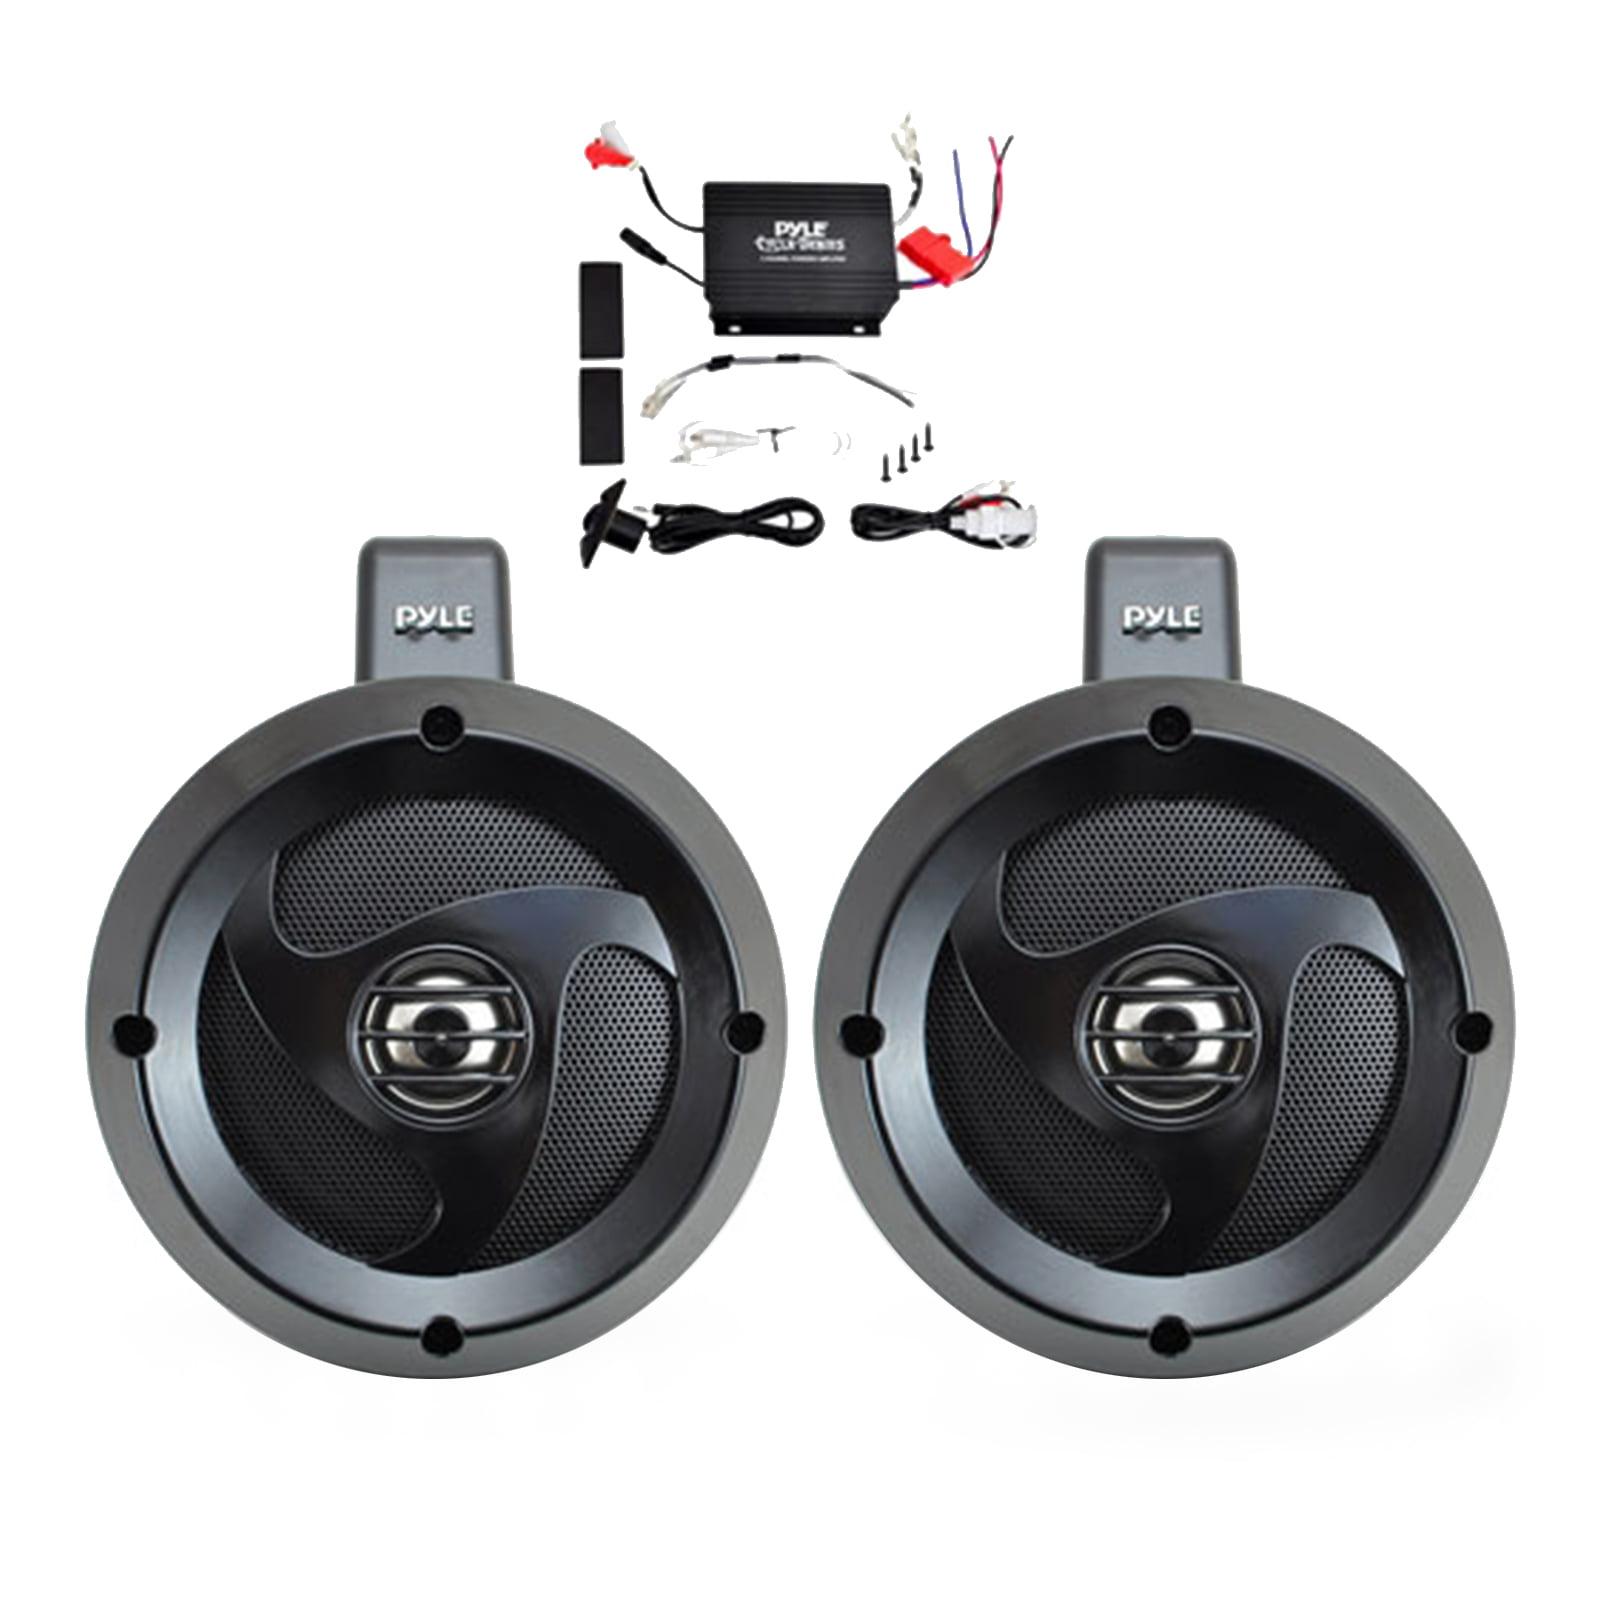 """2 Channel Waterproof Dual Wakeboard 4"""" UTV/ATV/Snowmobile/Marine Amplified Speaker System Includes (2) 4"""" Marine Grade Speakers"""